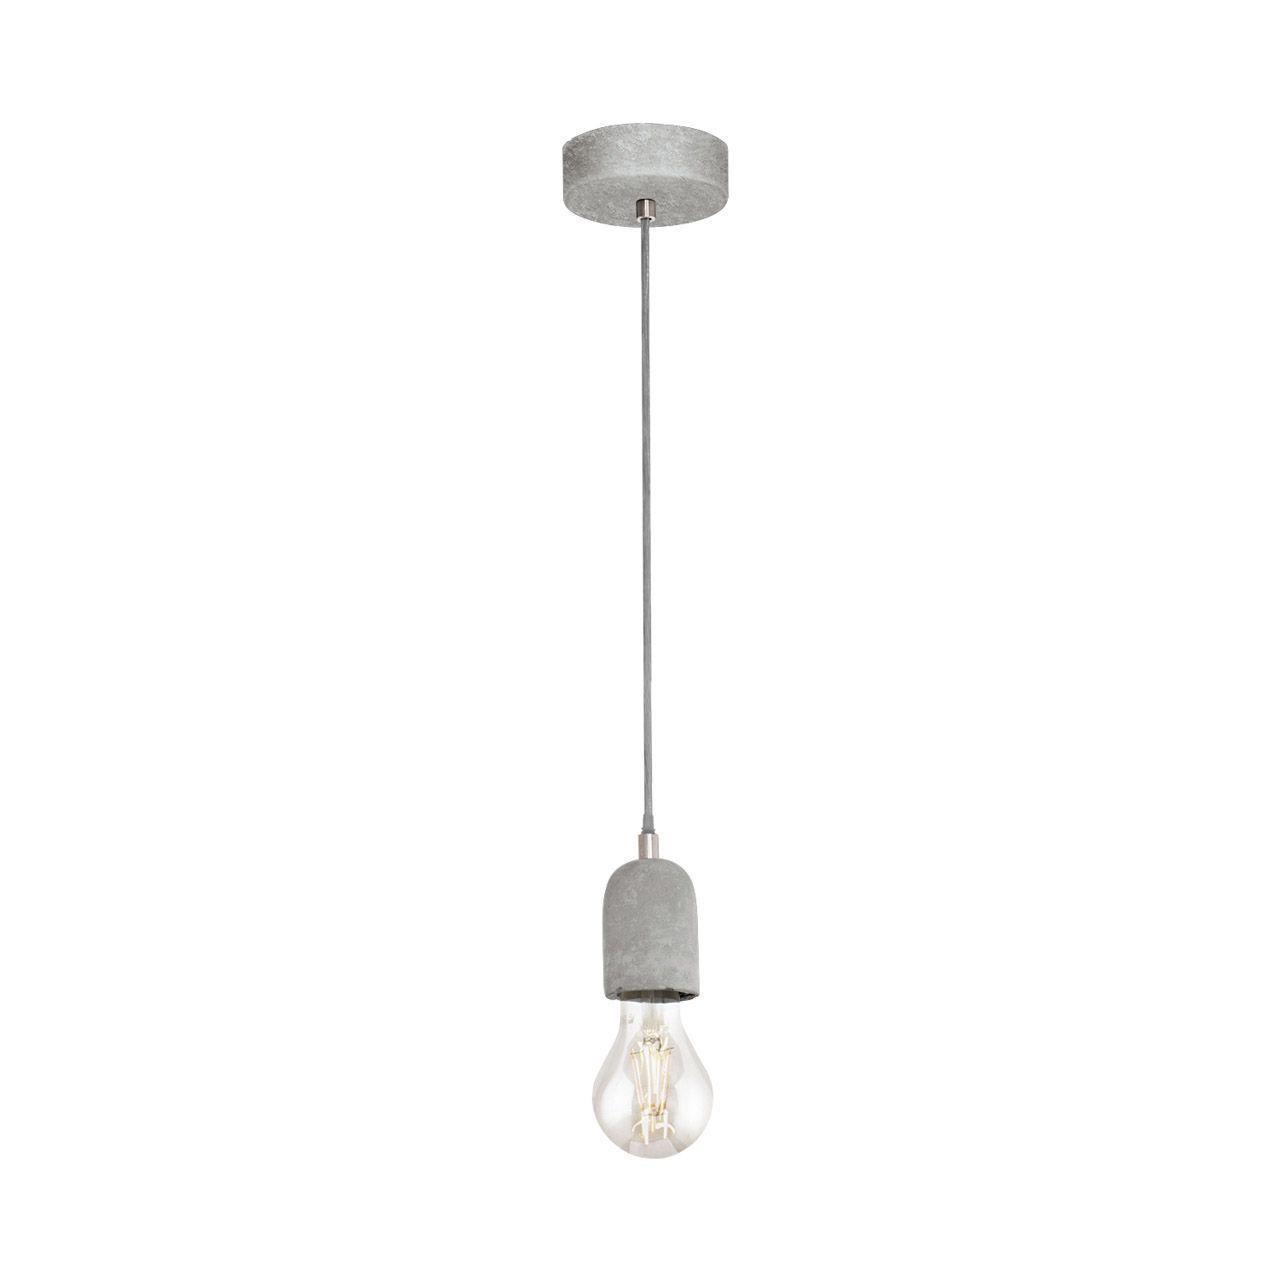 Подвесной светильник Eglo Silvares 95522 eglo подвесная люстра eglo silvares 95523